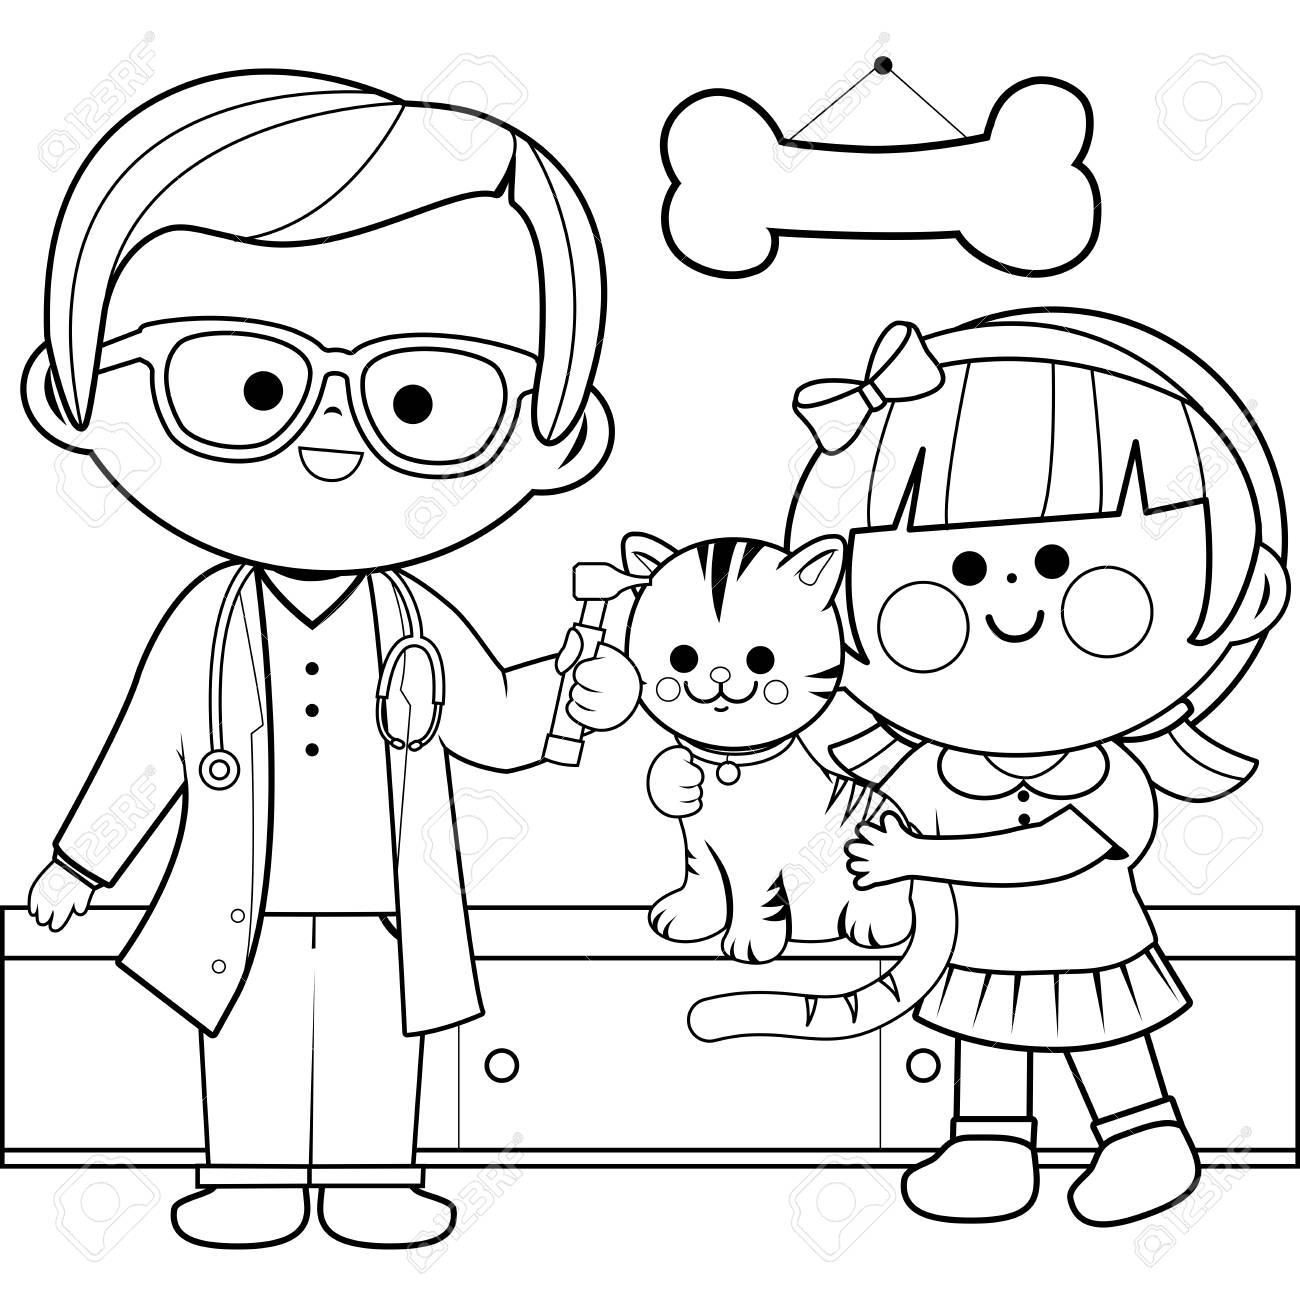 Coloriage Fille Et Chat.Medecin Veterinaire Examinant Le Chat D Une Petite Fille Avec Un Otoscope Page De Livre A Colorier